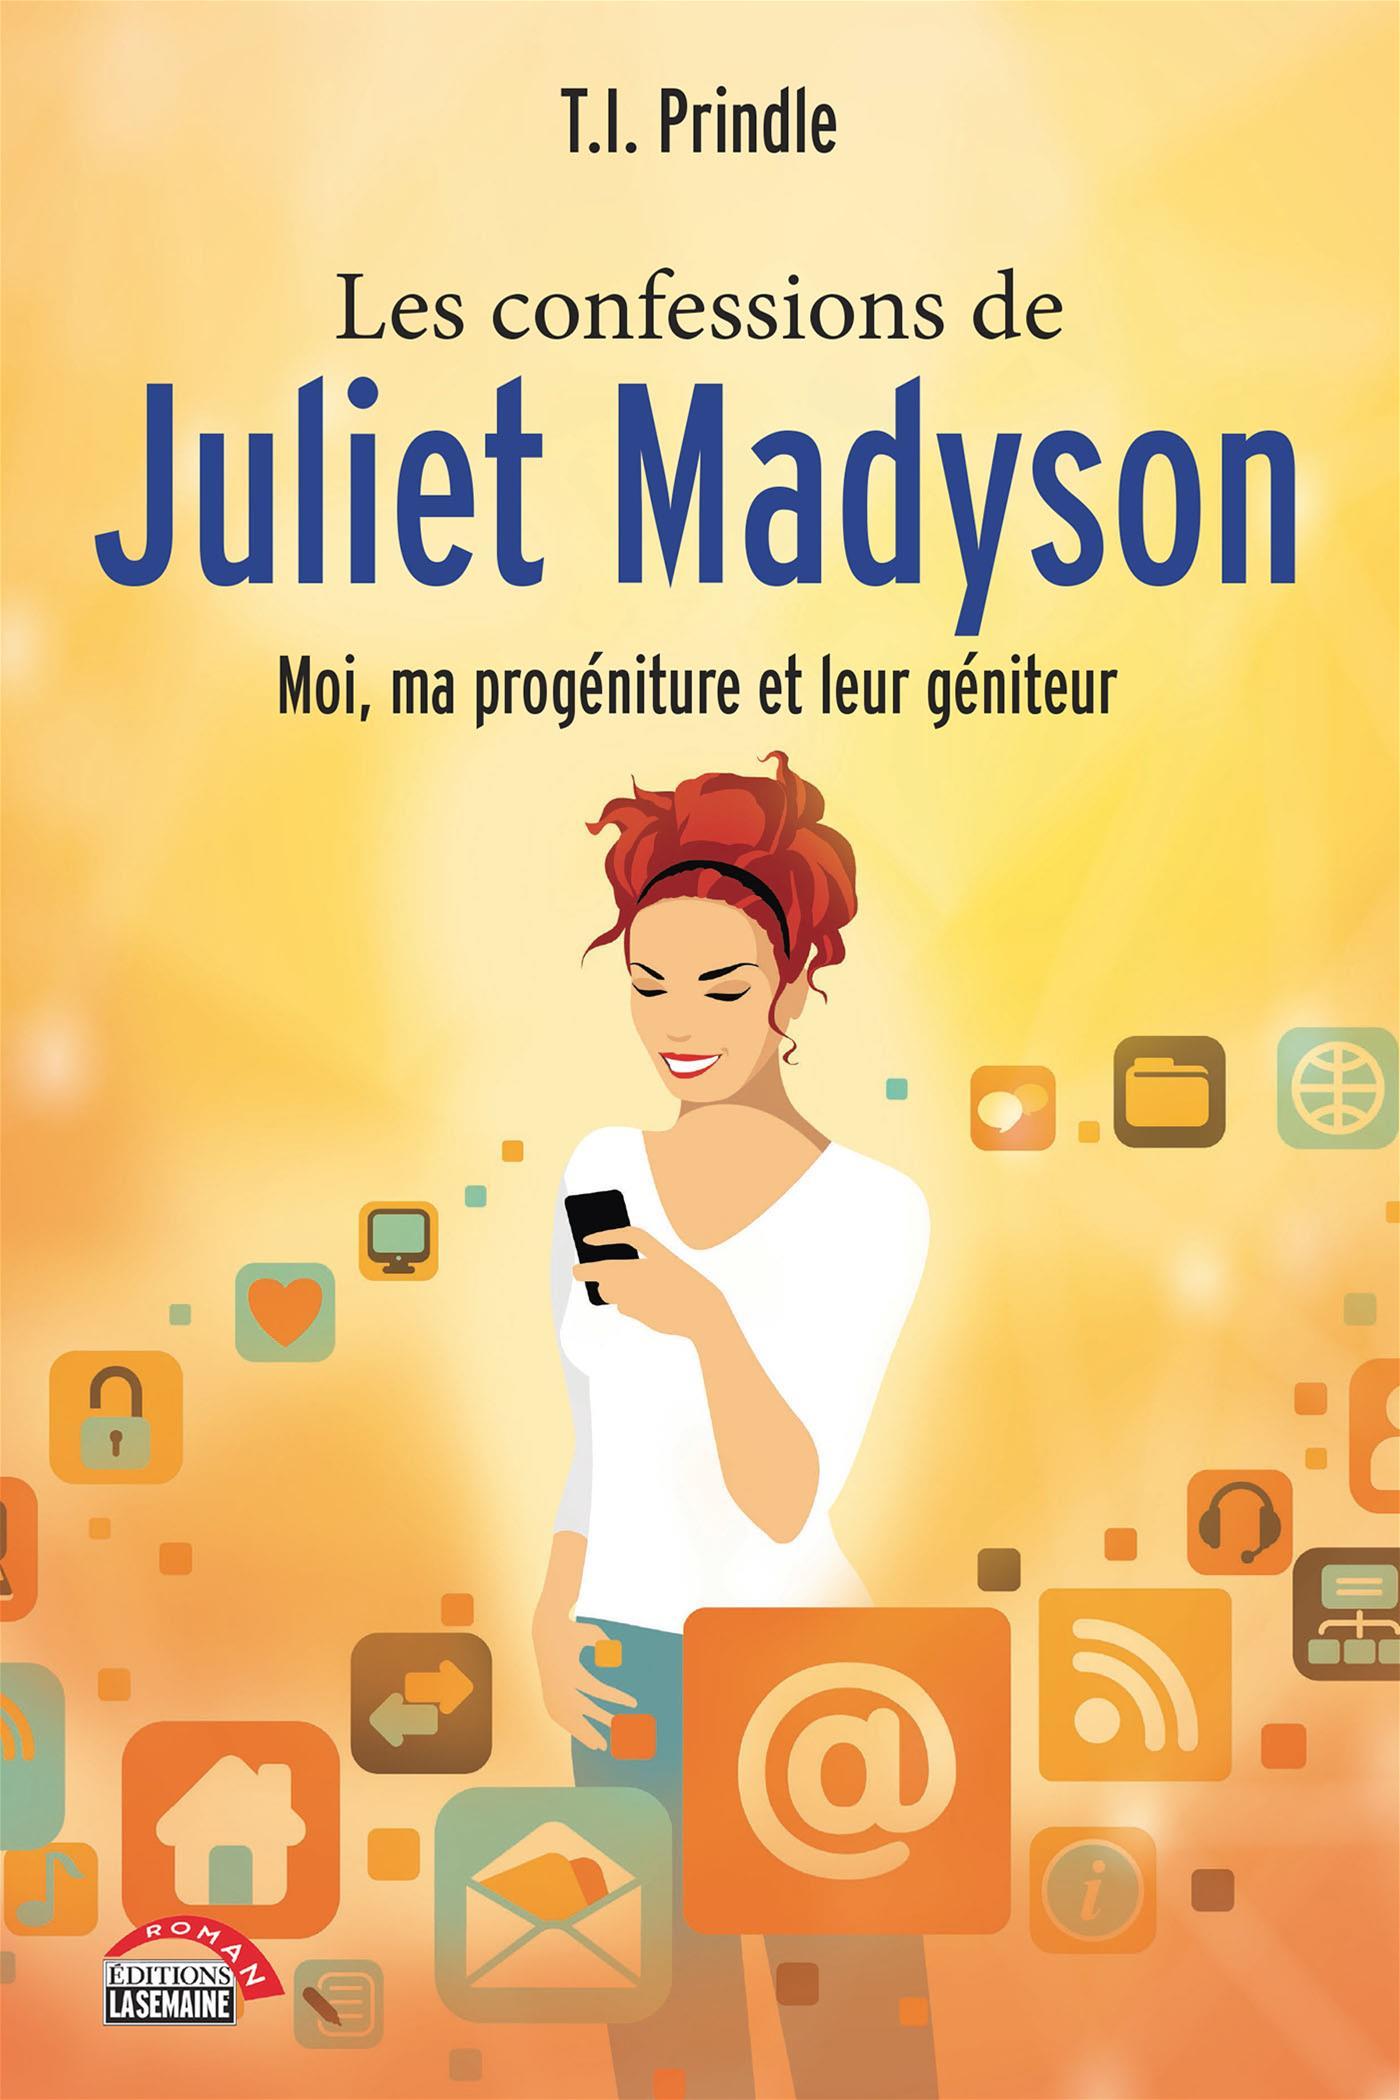 Les confessions de Juliet Madyson